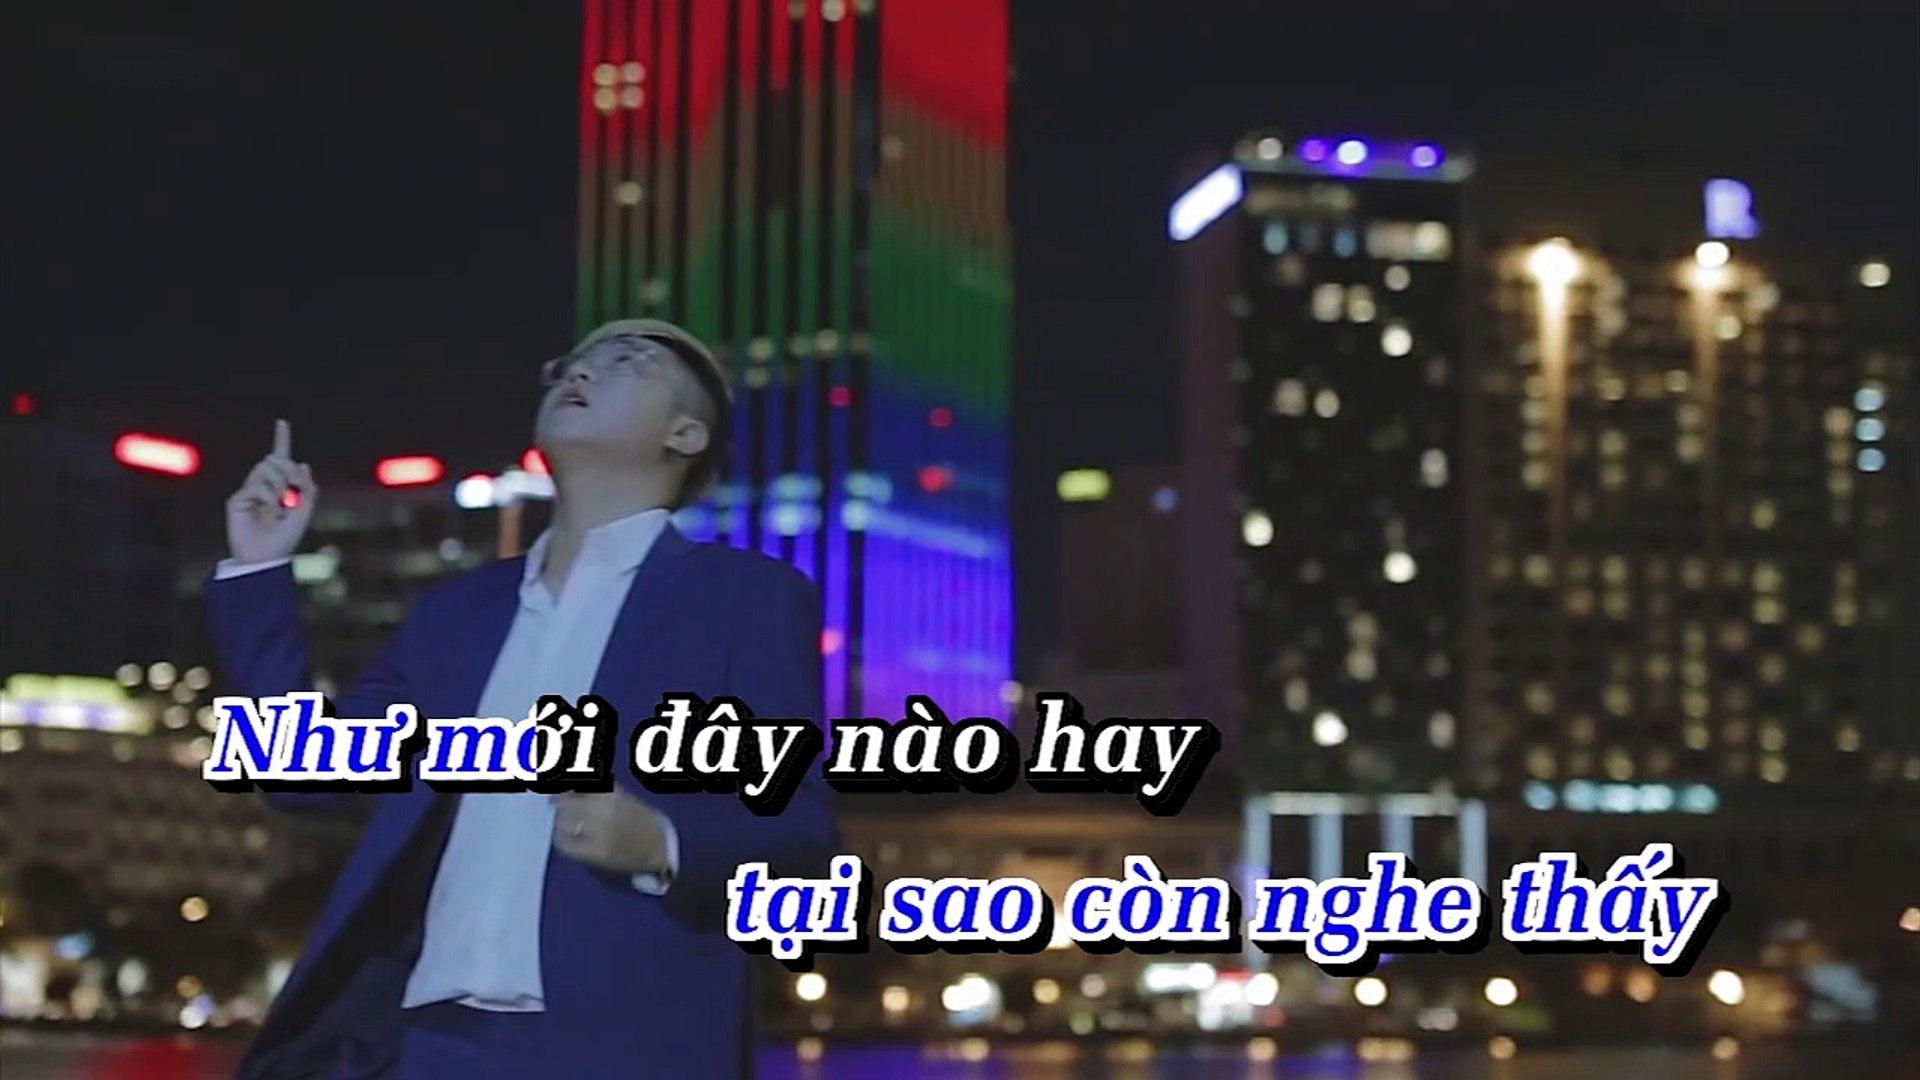 [Karaoke] Em Cứ Đi Đi - Vương Anh Tú [Beat]